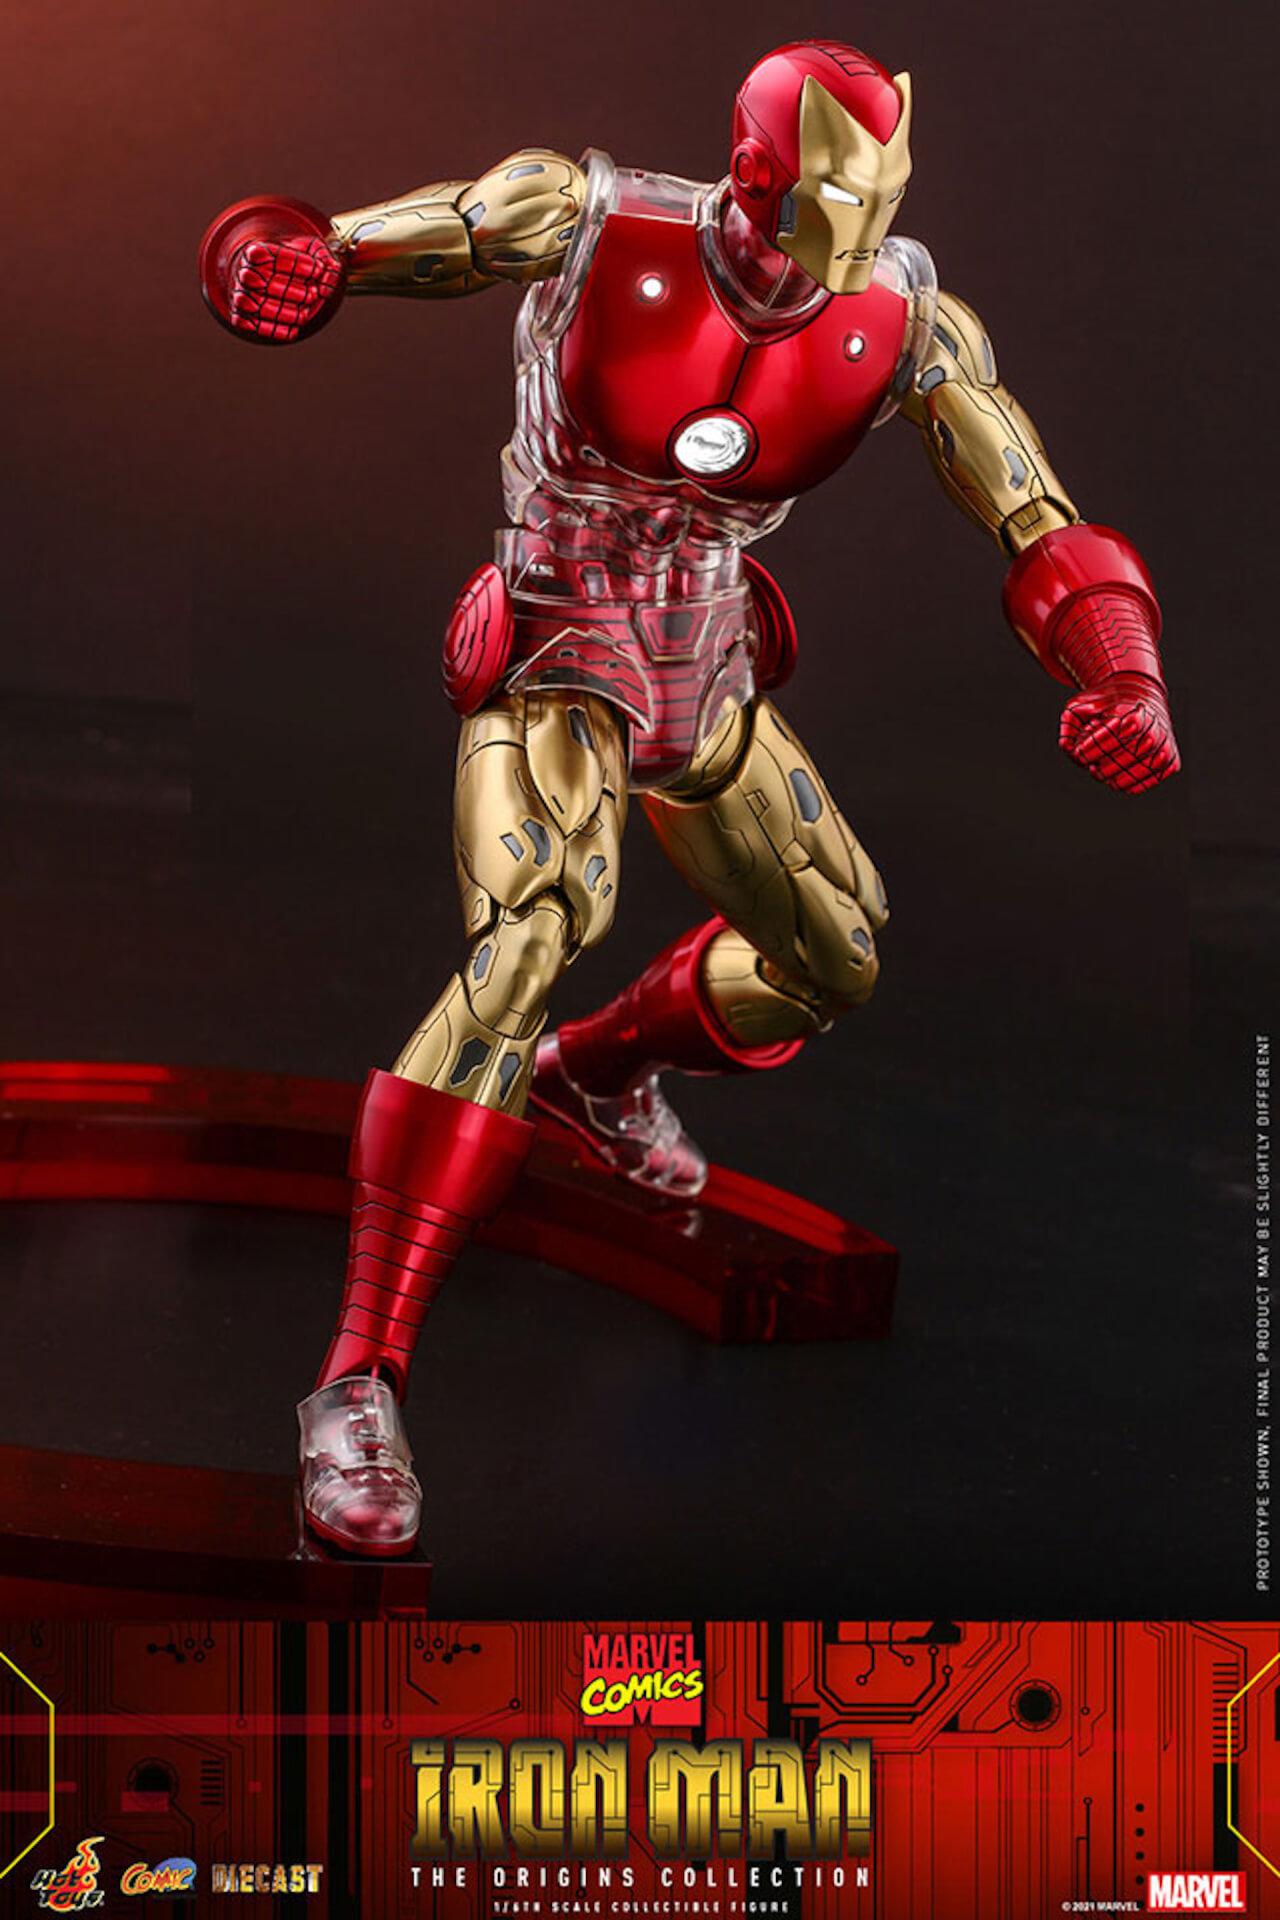 マーベルコミック版のアイアンマンをリアルに再現!ホットトイズ「コミック・マスターピース DIECAST」に登場 art210414_ironman_hottoys_8